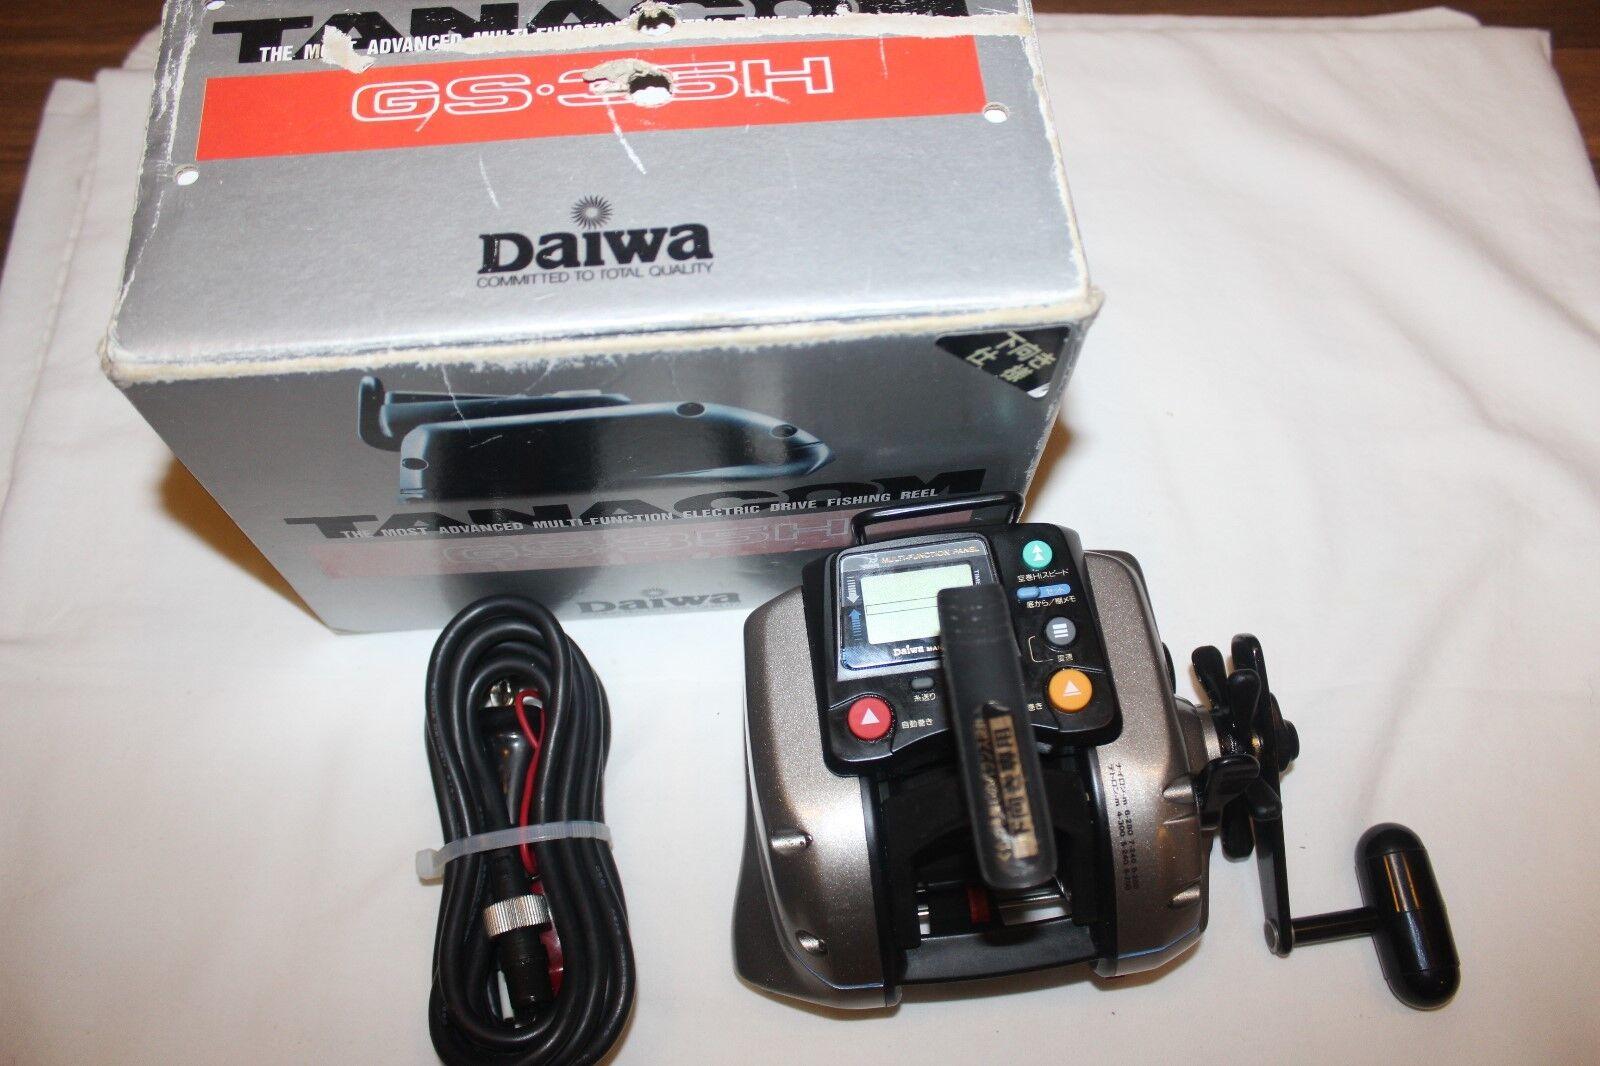 DAIWA TANACOM GS-35-H-ELEKTRoroLLE-NEU IM OVP-MADE IN JAPAN-Nr-904